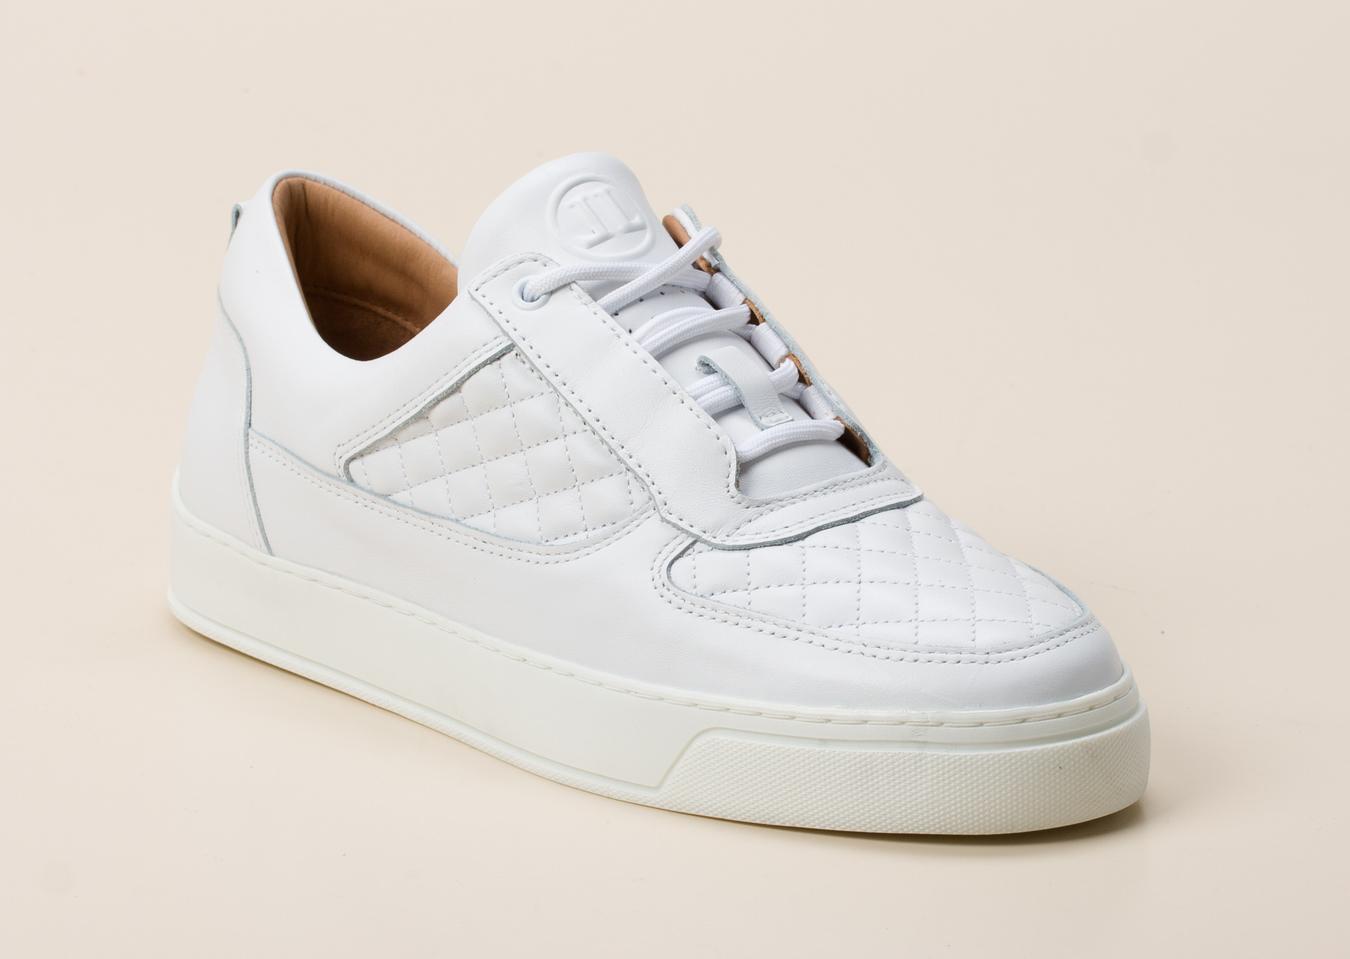 0ca09ee6bb7116 Leandro Lopes Herren Sneaker in weiß kaufen